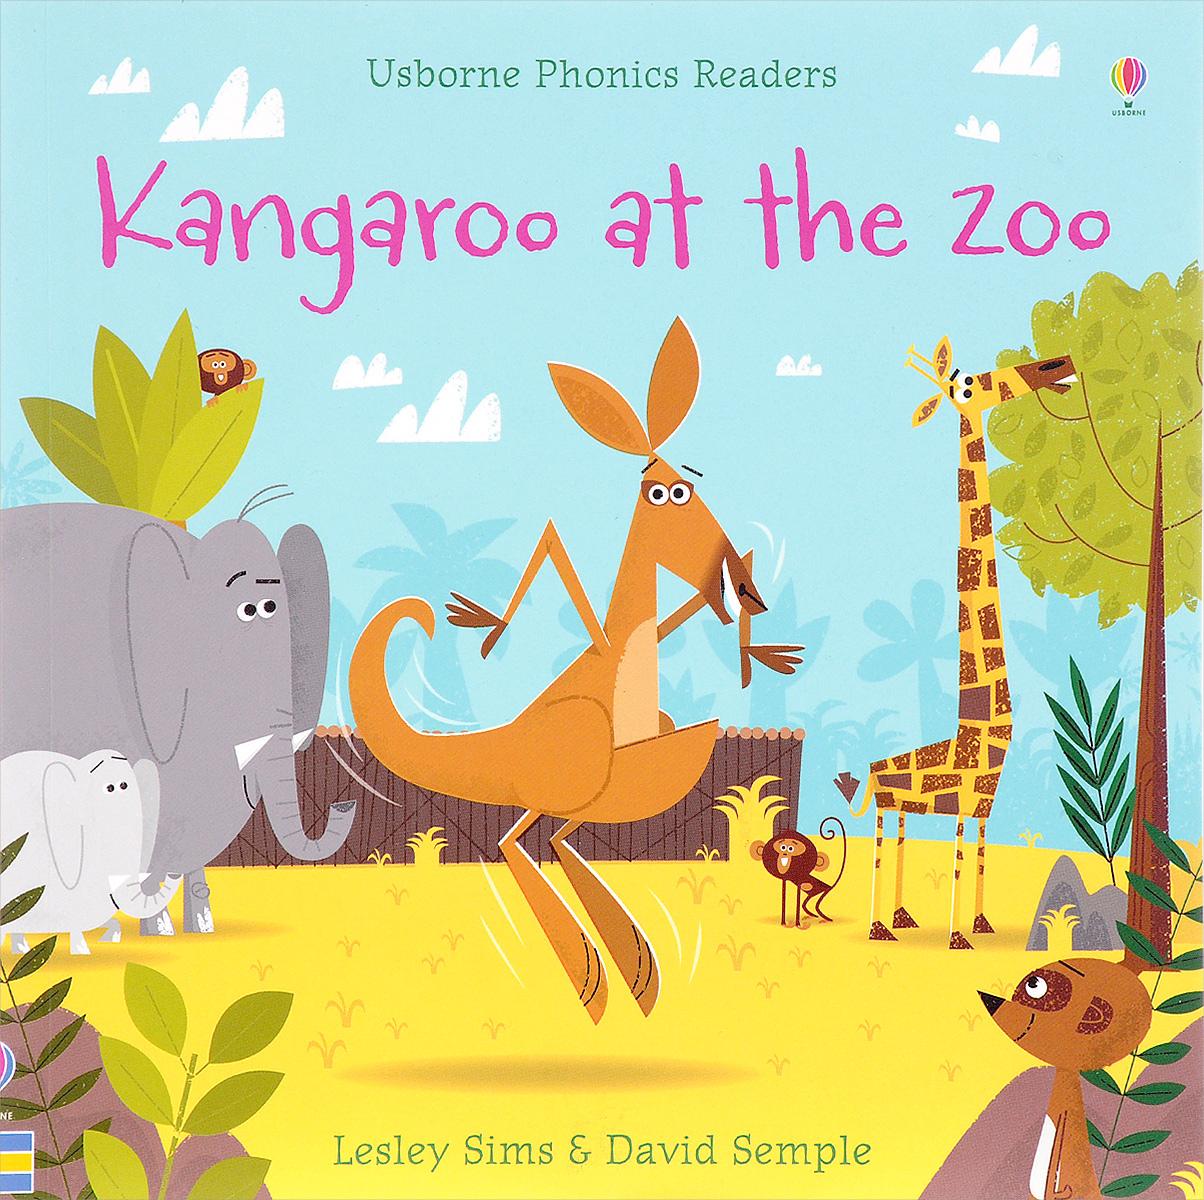 Kangaroo at the Zoo irresistible